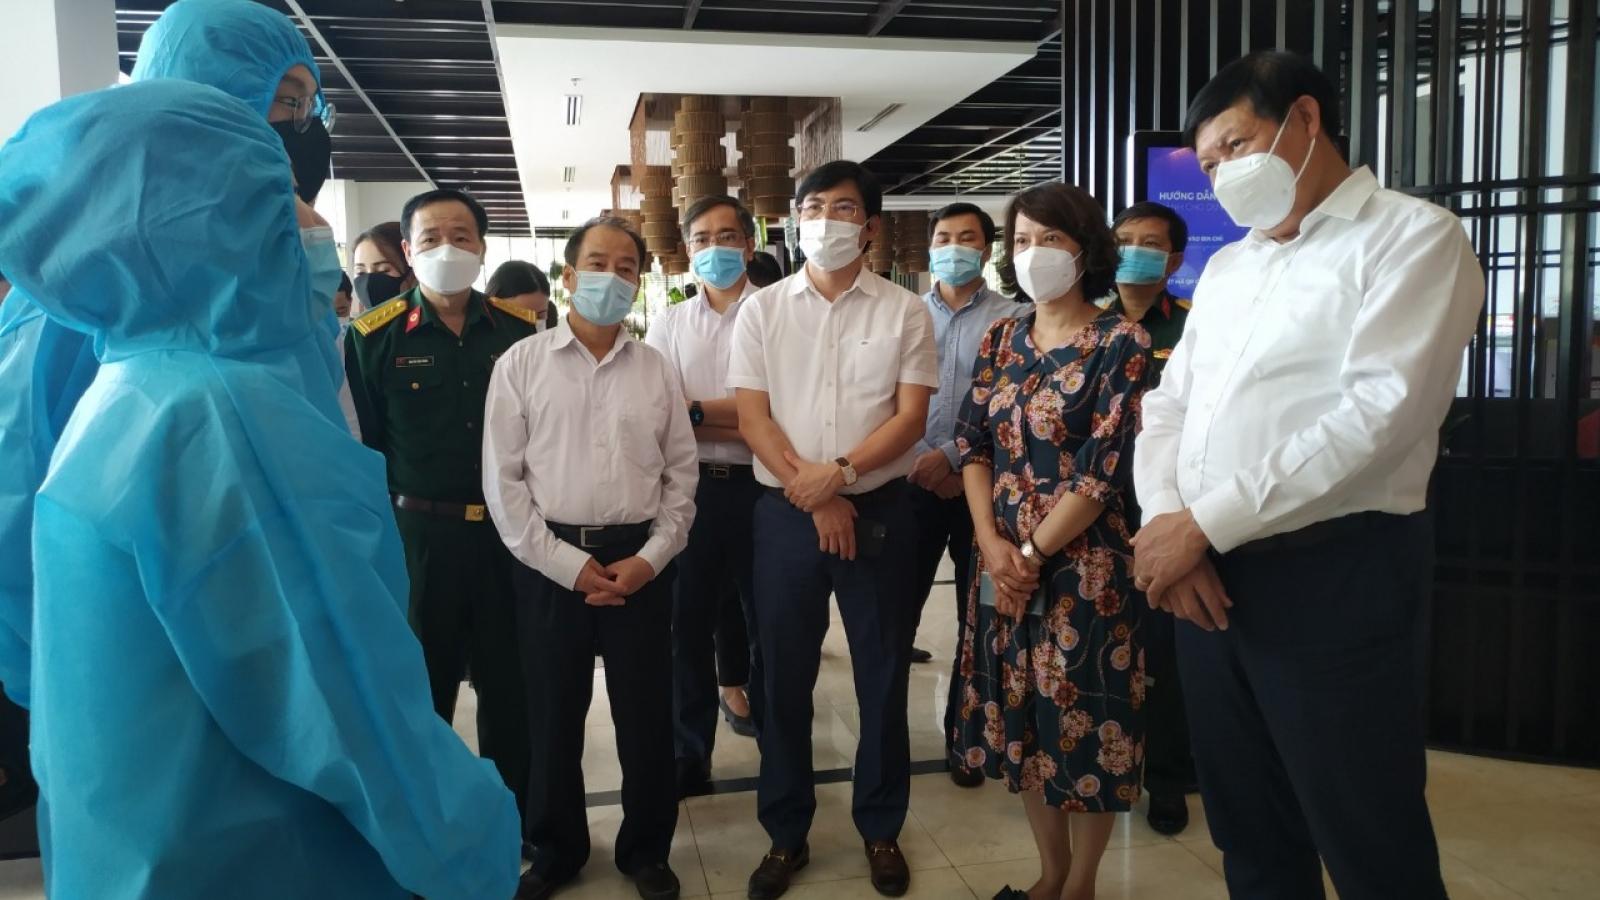 Bộ Y tế làm việc vớiQuảng Ninh về phương án cách ly y tế 7 ngày với người nhập cảnh